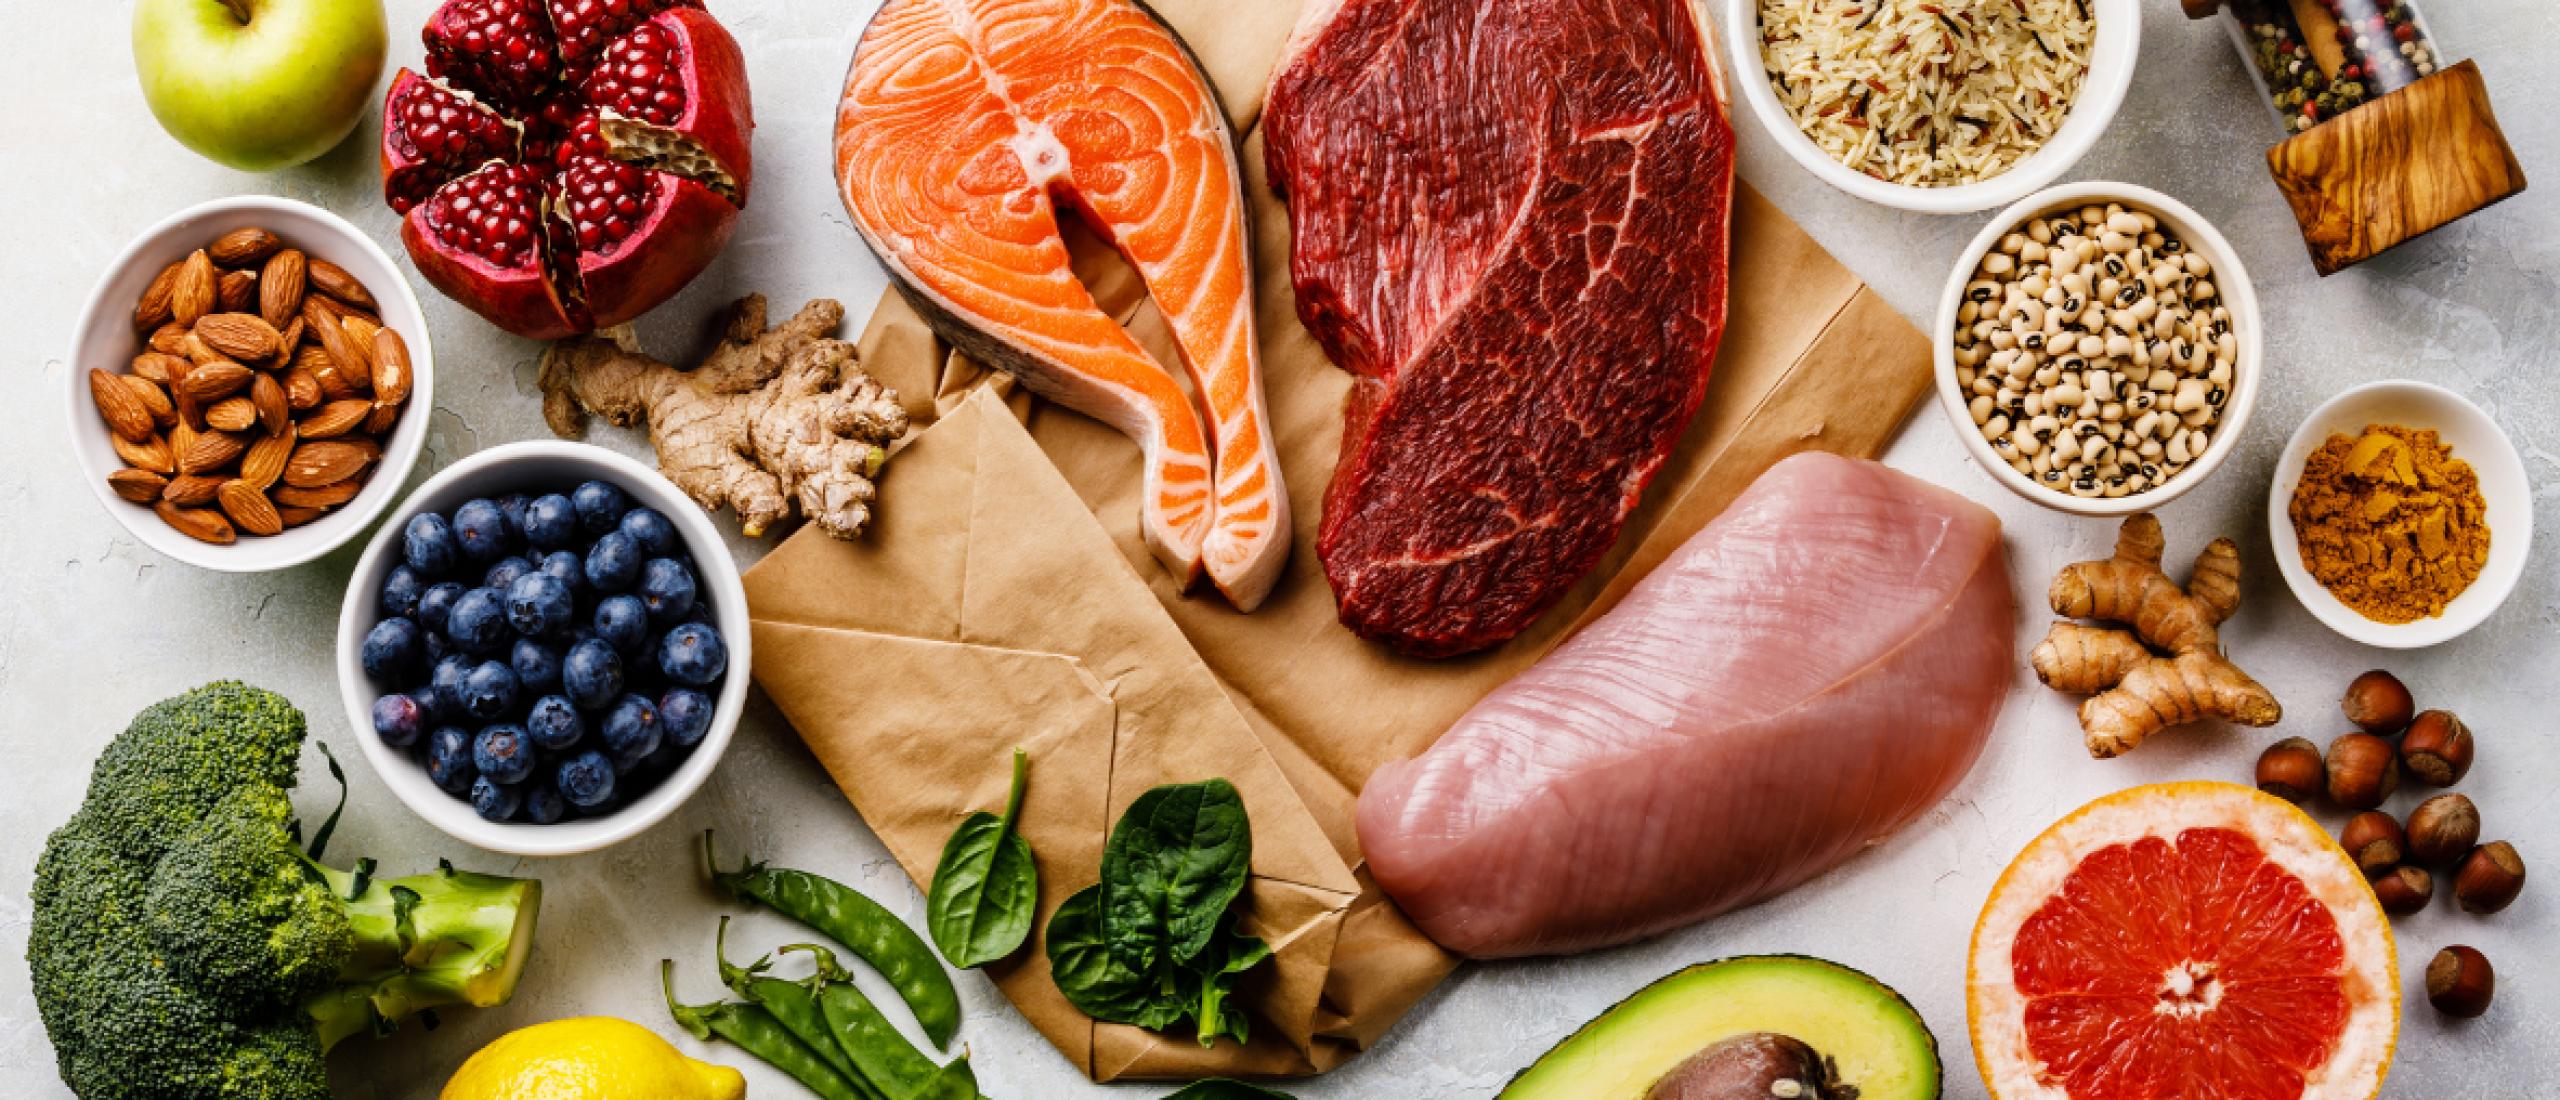 Eiwitrijke voeding en producten